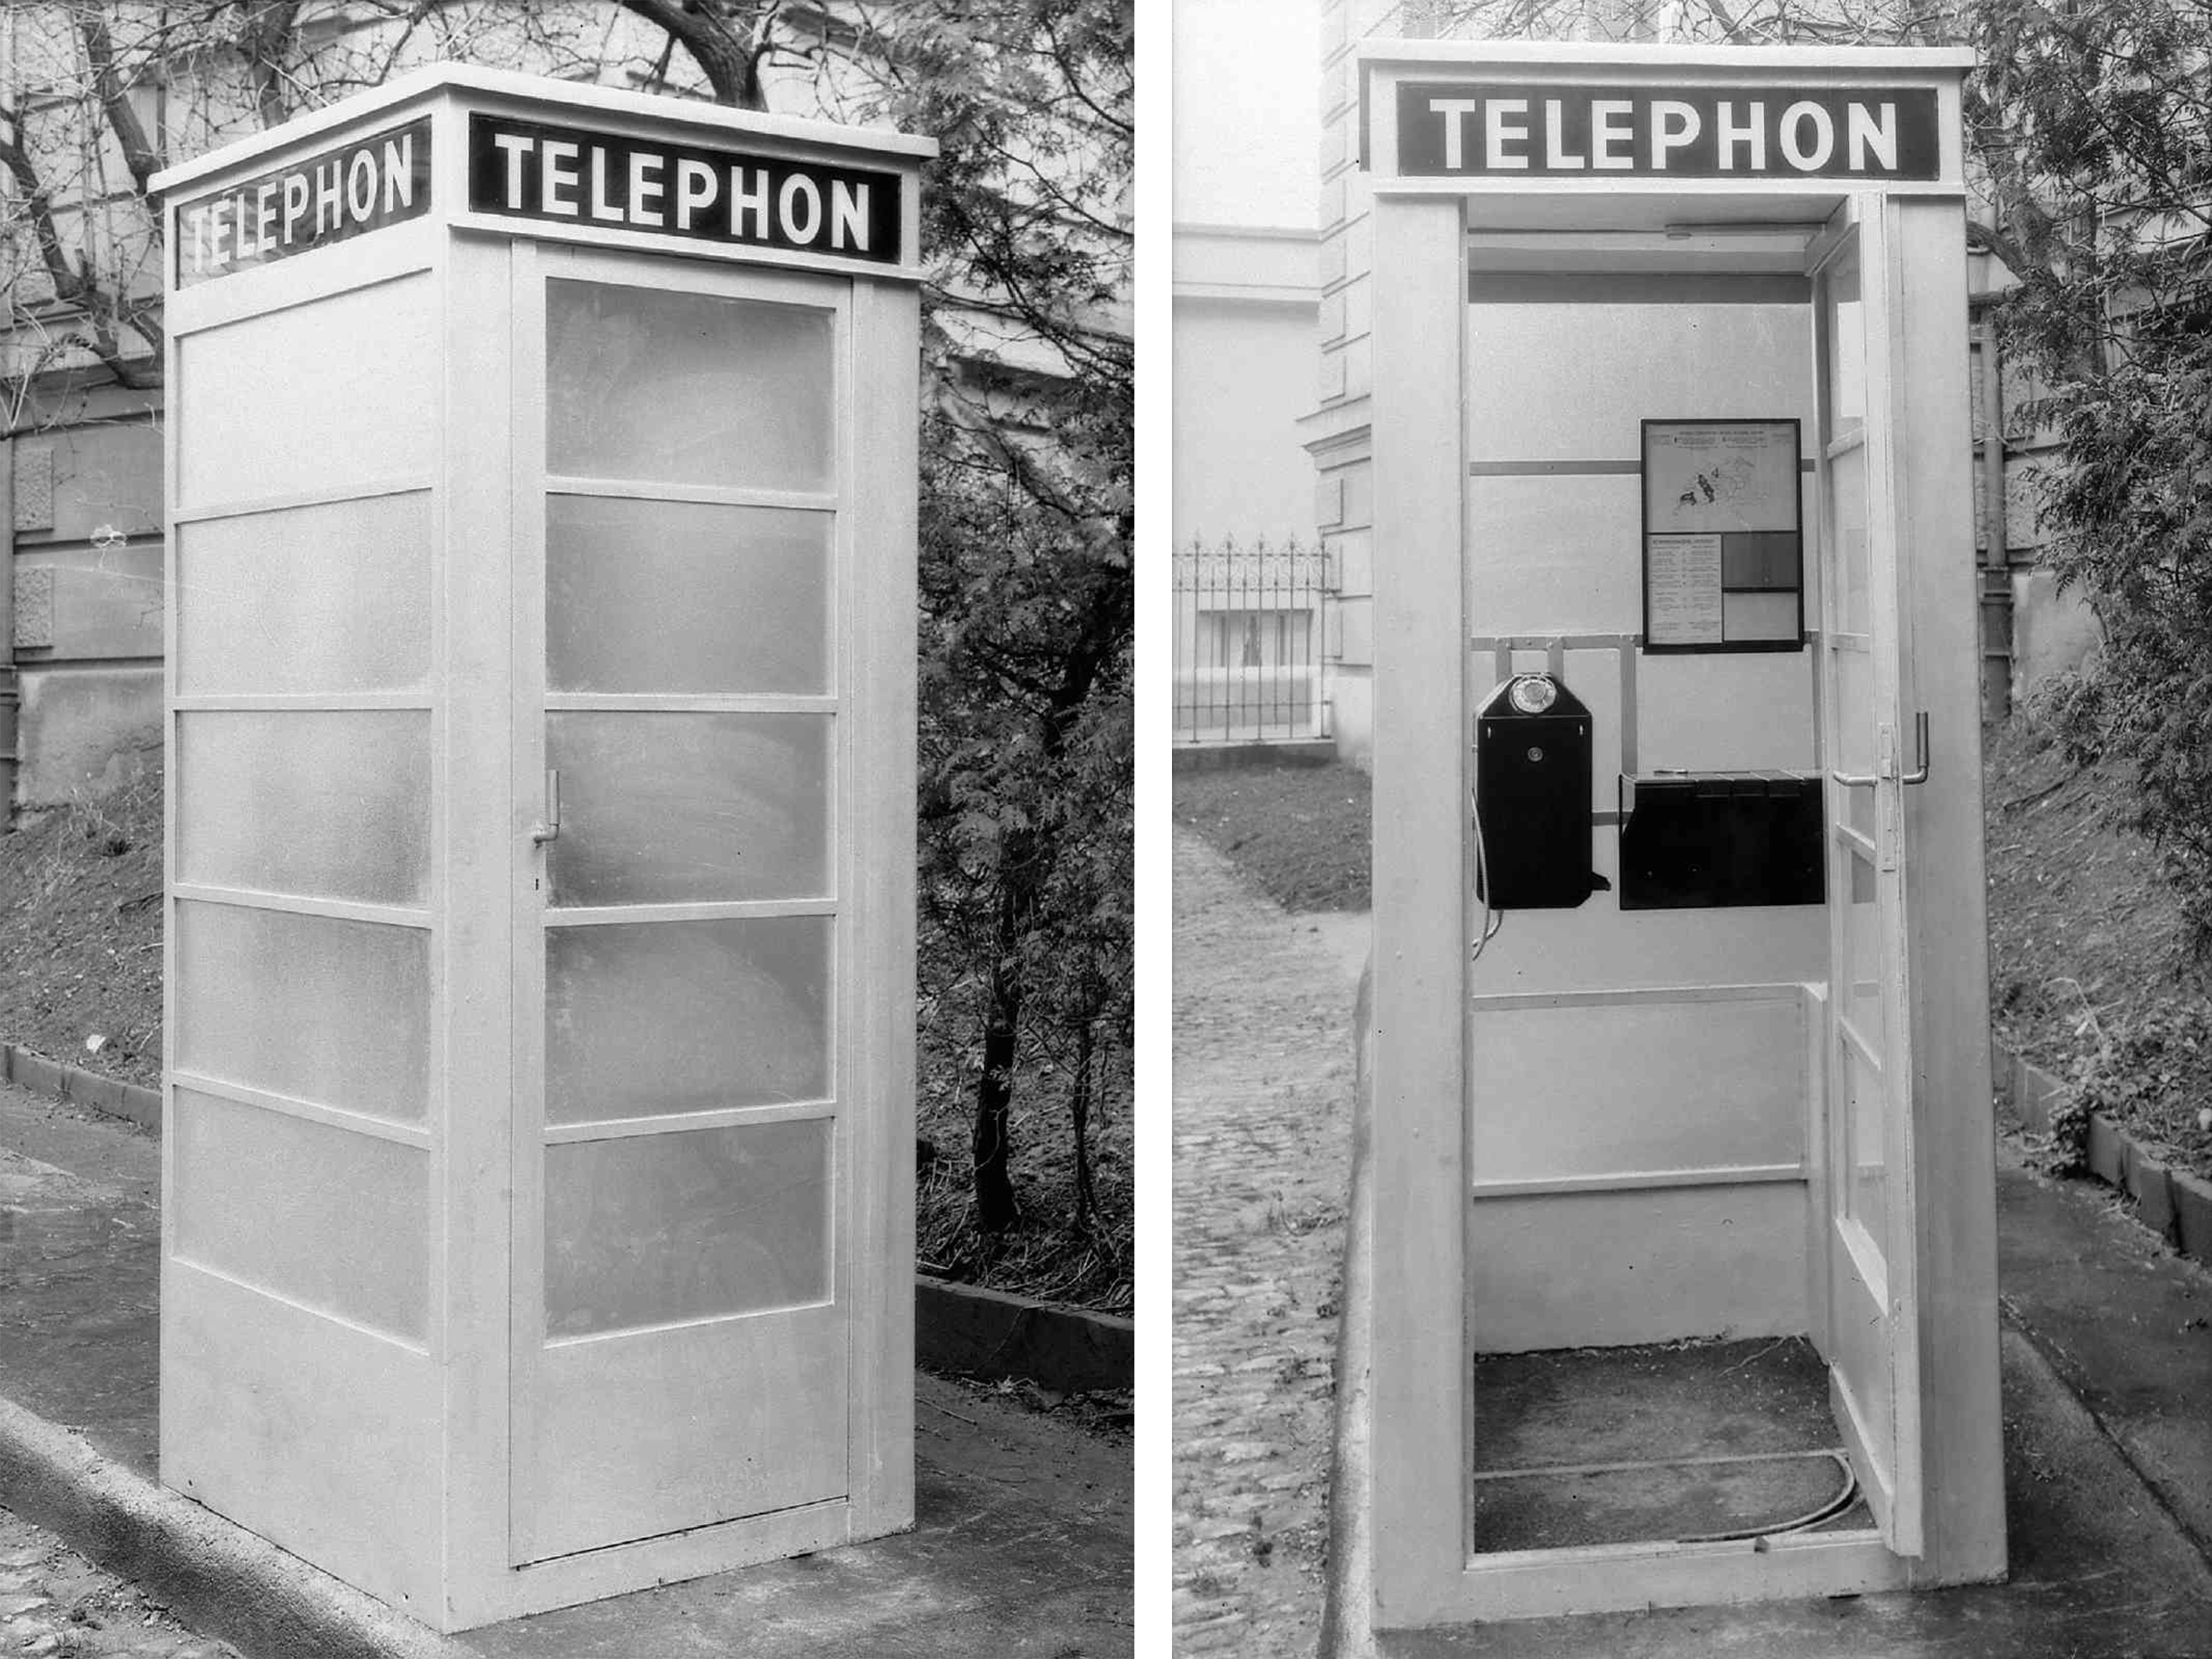 In dieser Eisen-Glas-Telefonkabine aus den 1930er sorgt Milchglas für Diskretion.